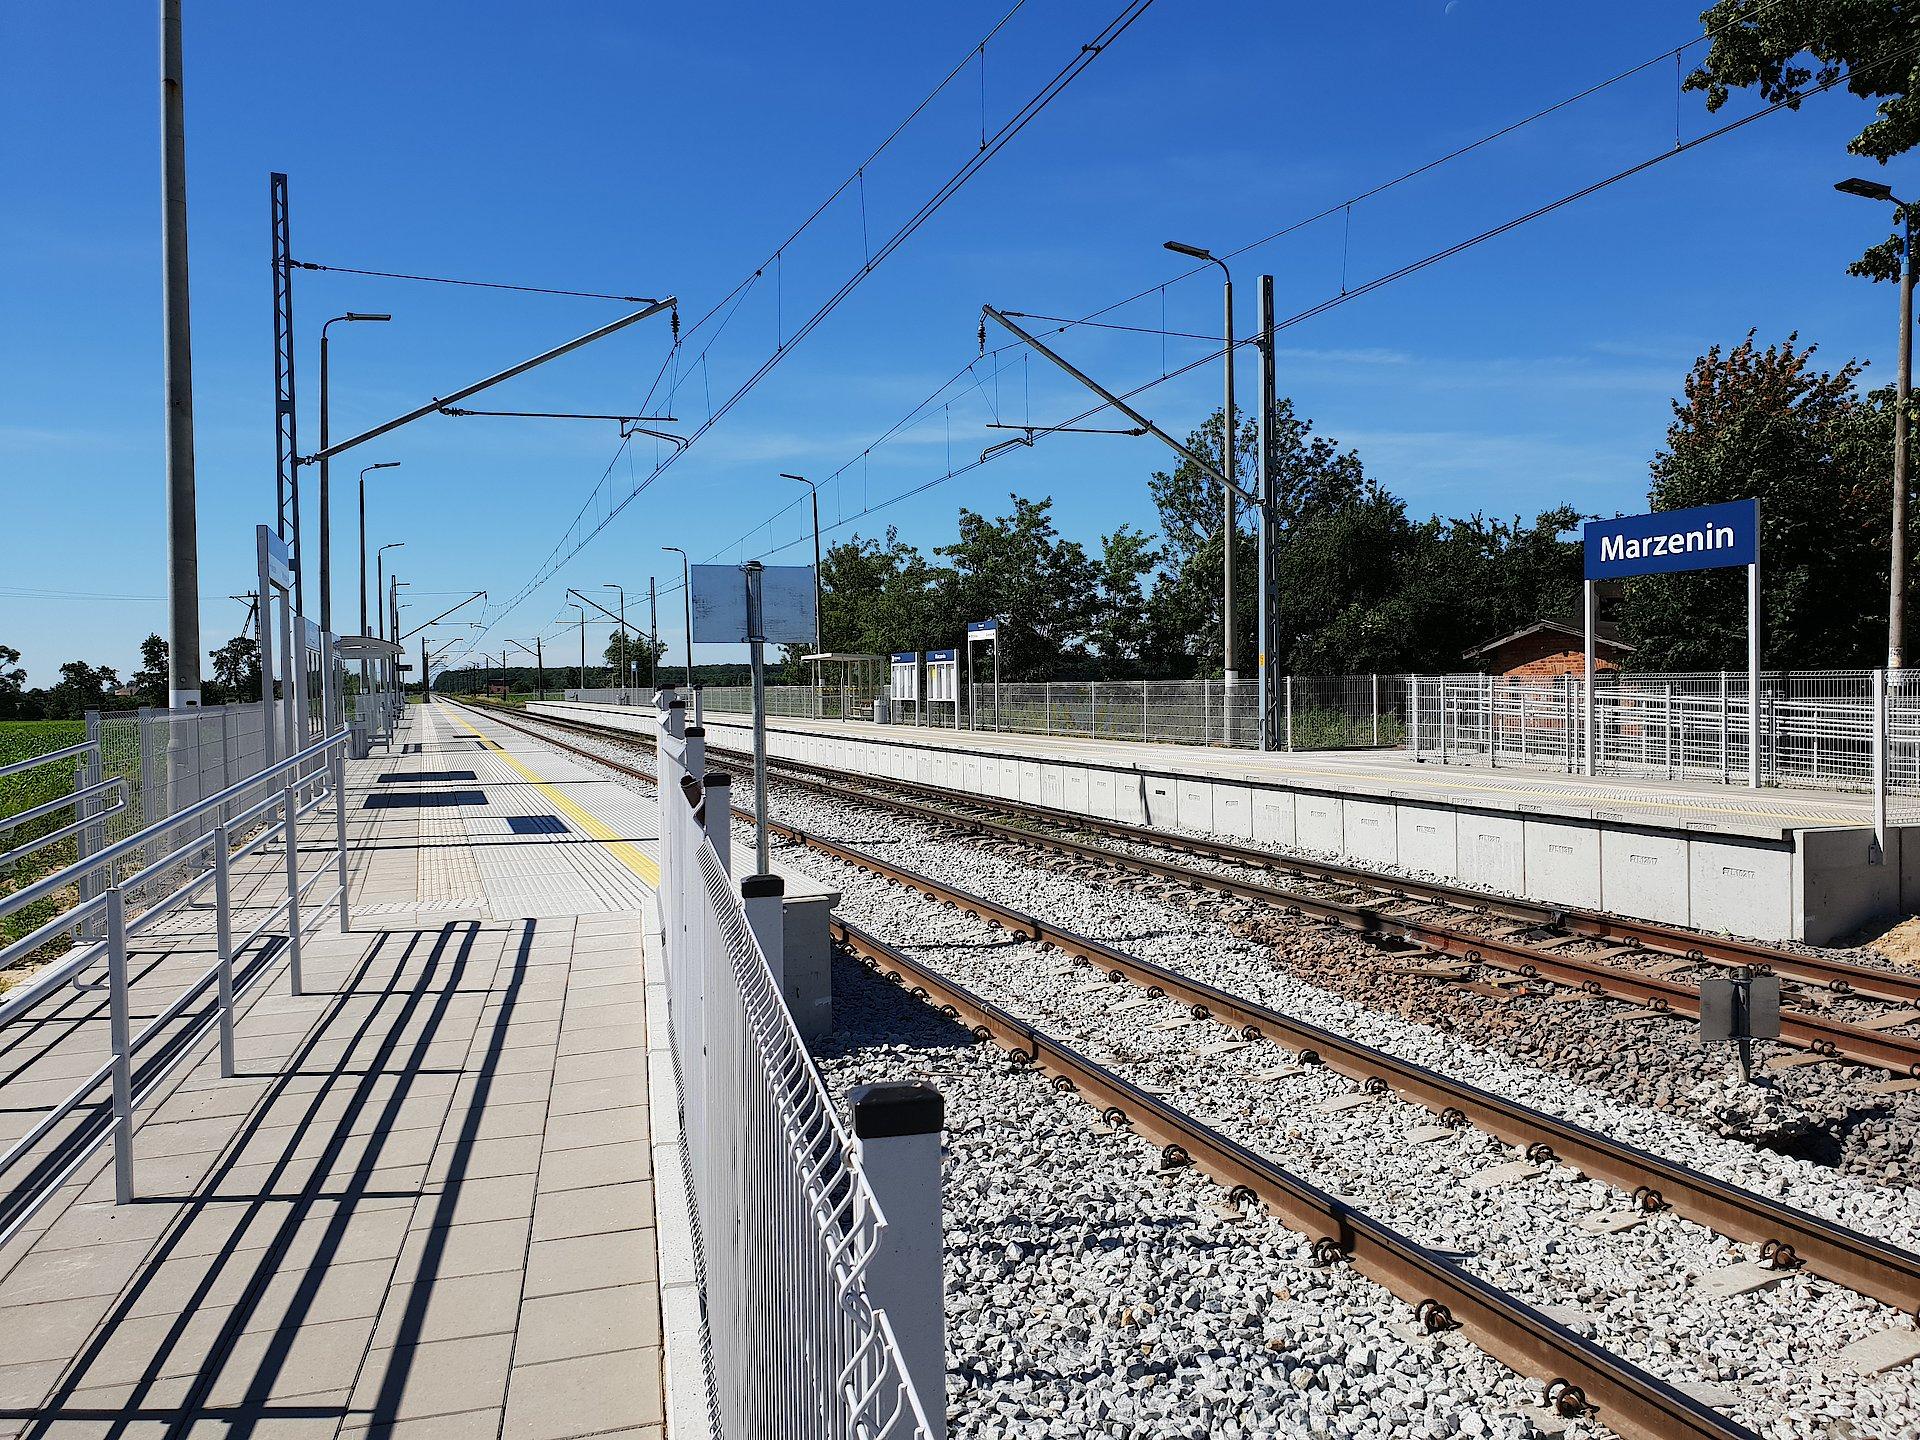 Sześć par pociągów na trasie Jarocin-Września-Gniezno. PLK wyremontowała linię za 100 mln zł